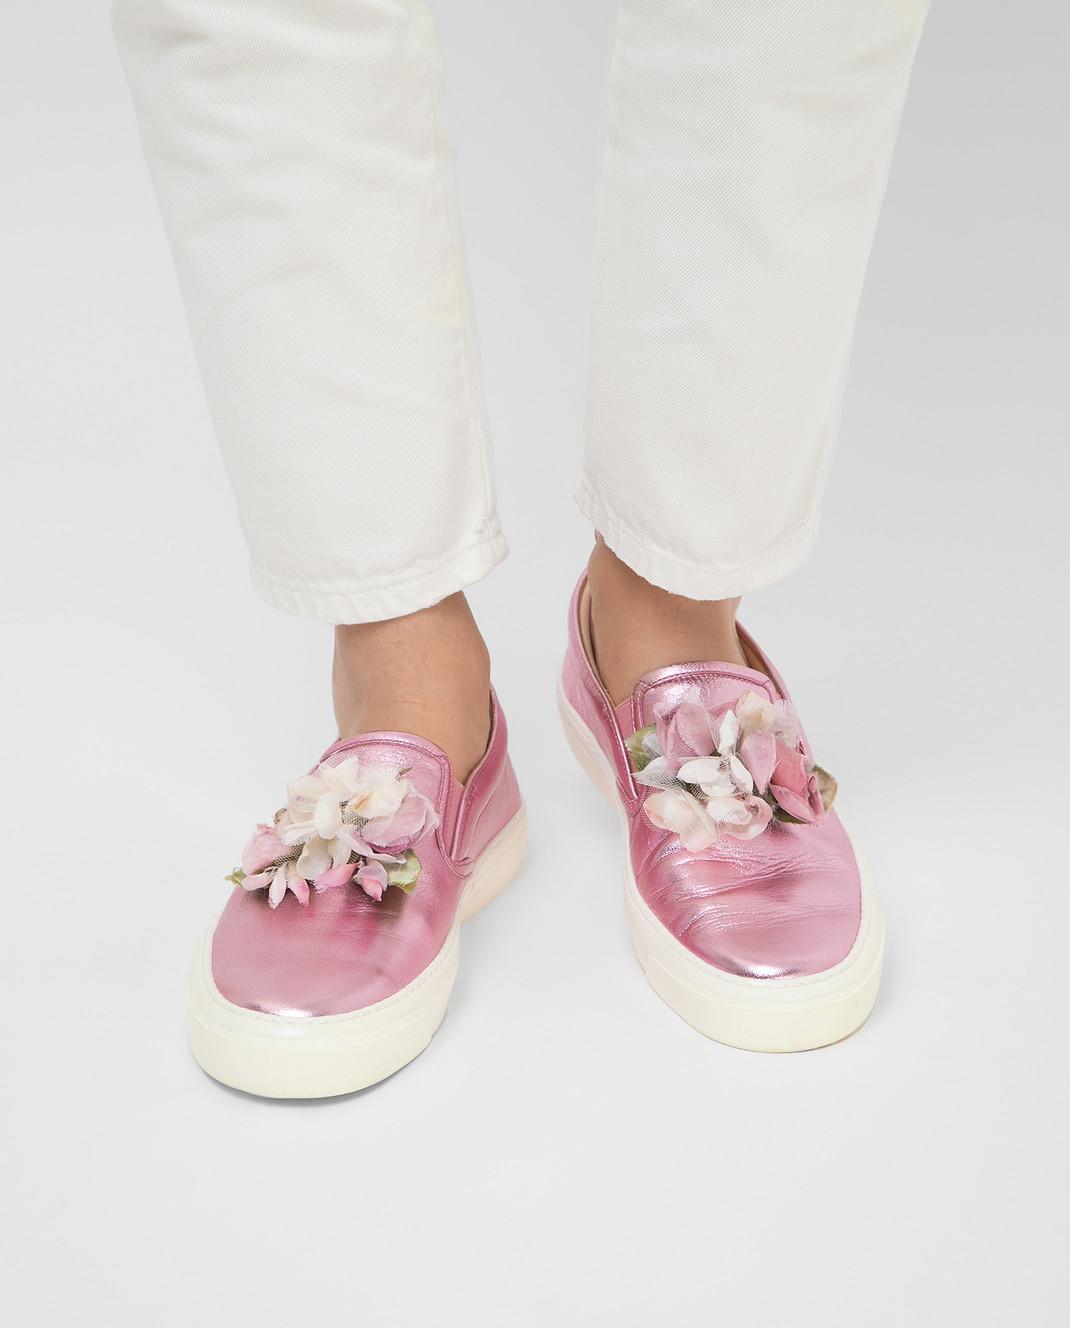 Gucci Розовые кожаные слипоны 414990 изображение 2